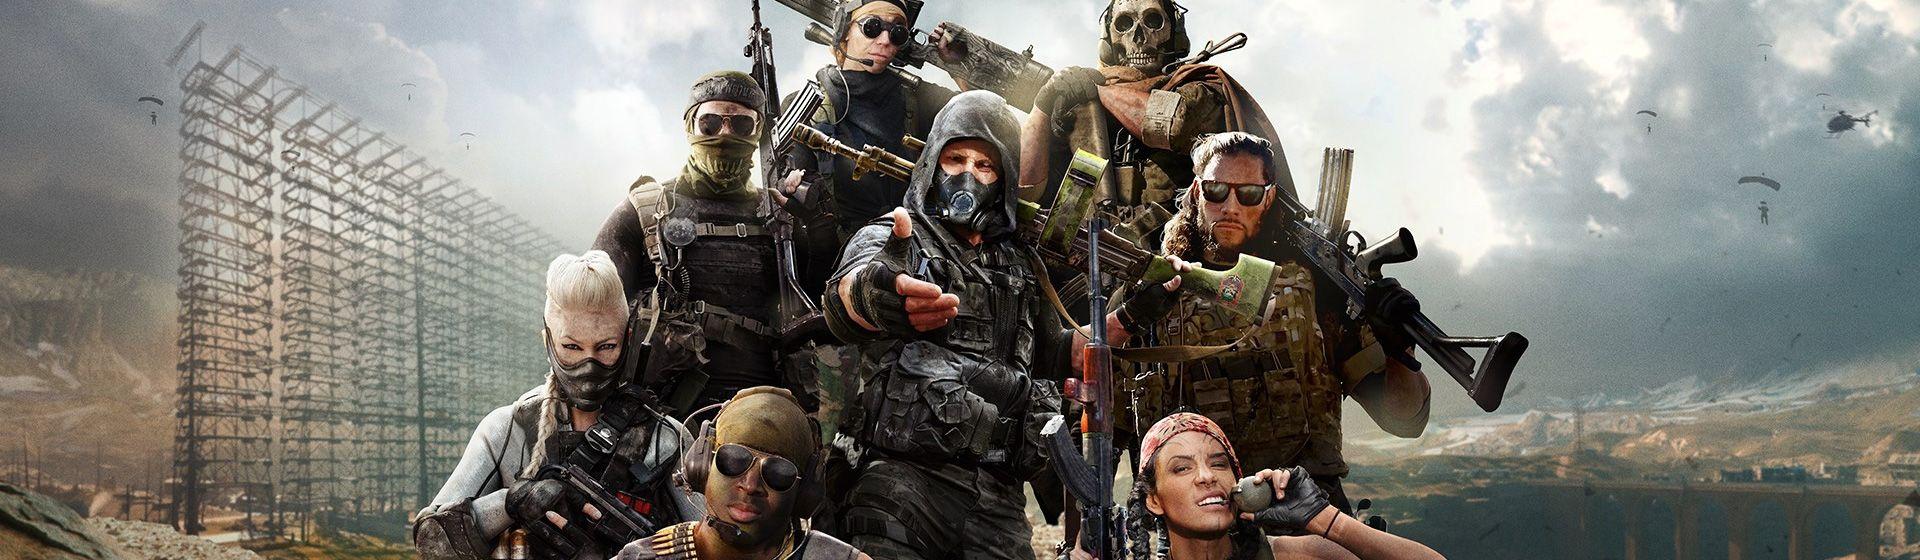 Play at Home: jogos recebem conteúdo grátis no PlayStation